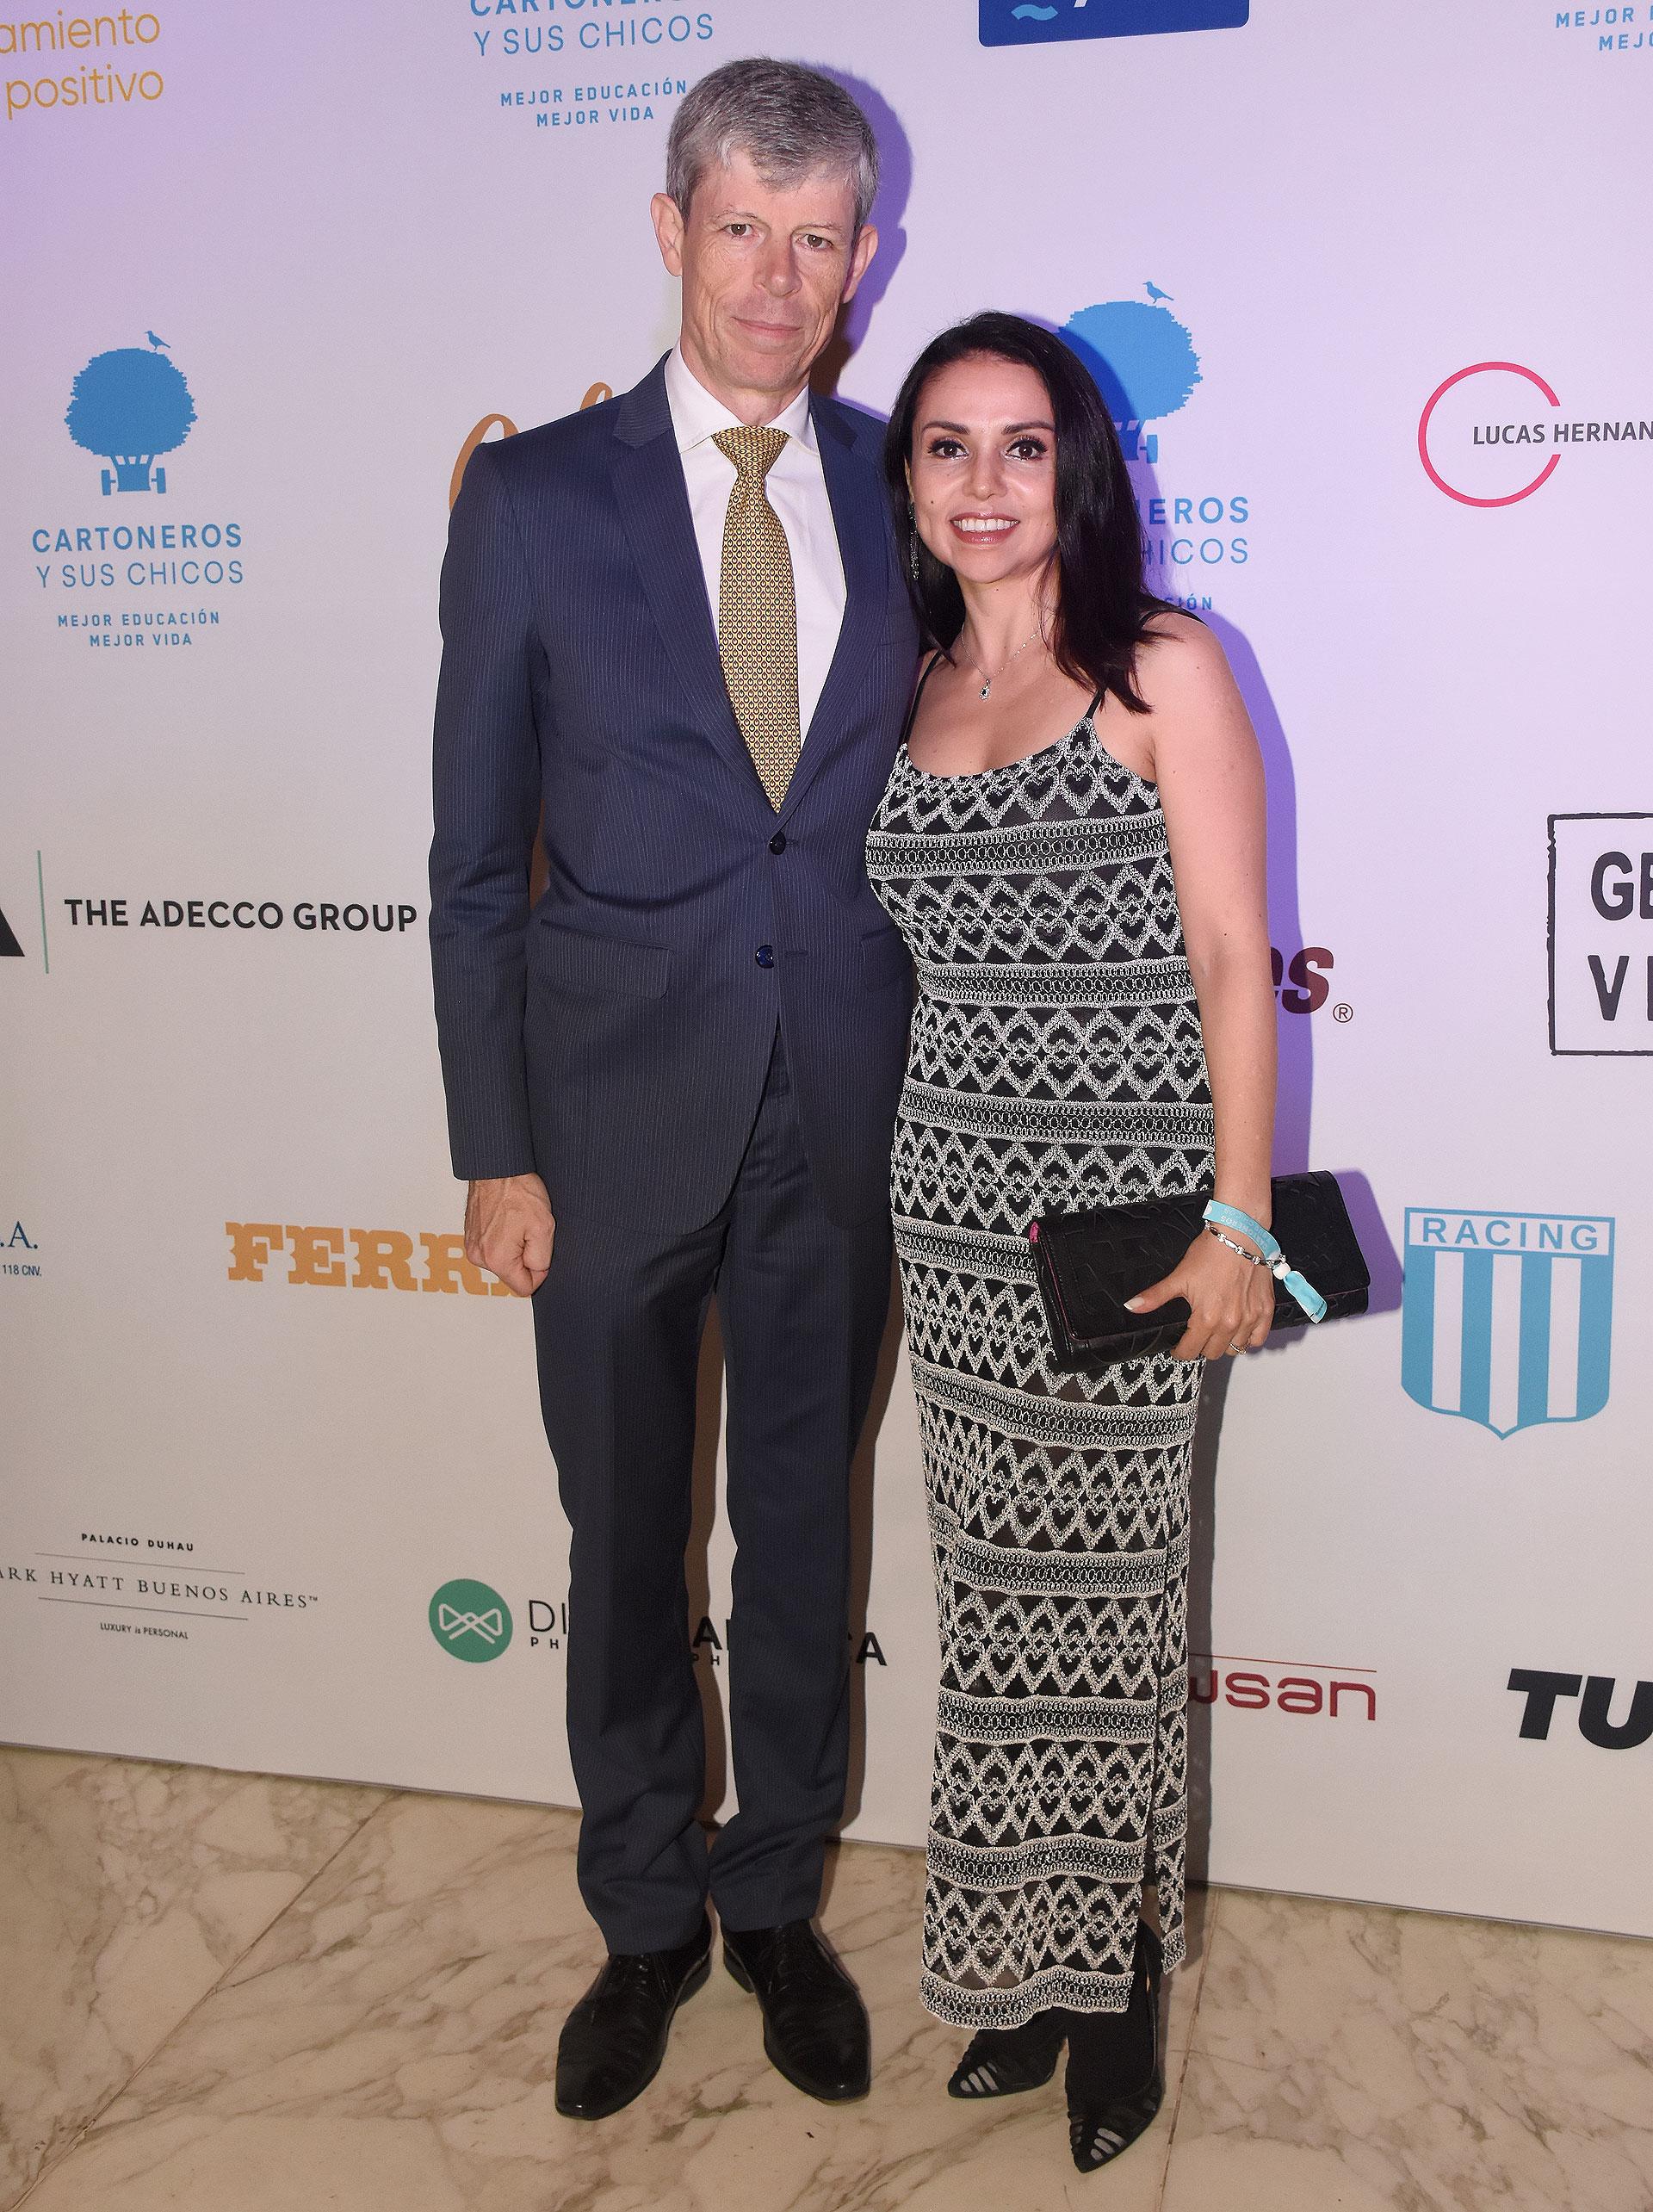 Renata Jacobs junto al embajador de Suiza en la Argentina, Heinrich Schellenberg, y su mujer Grisel Sandoval Schellenberg